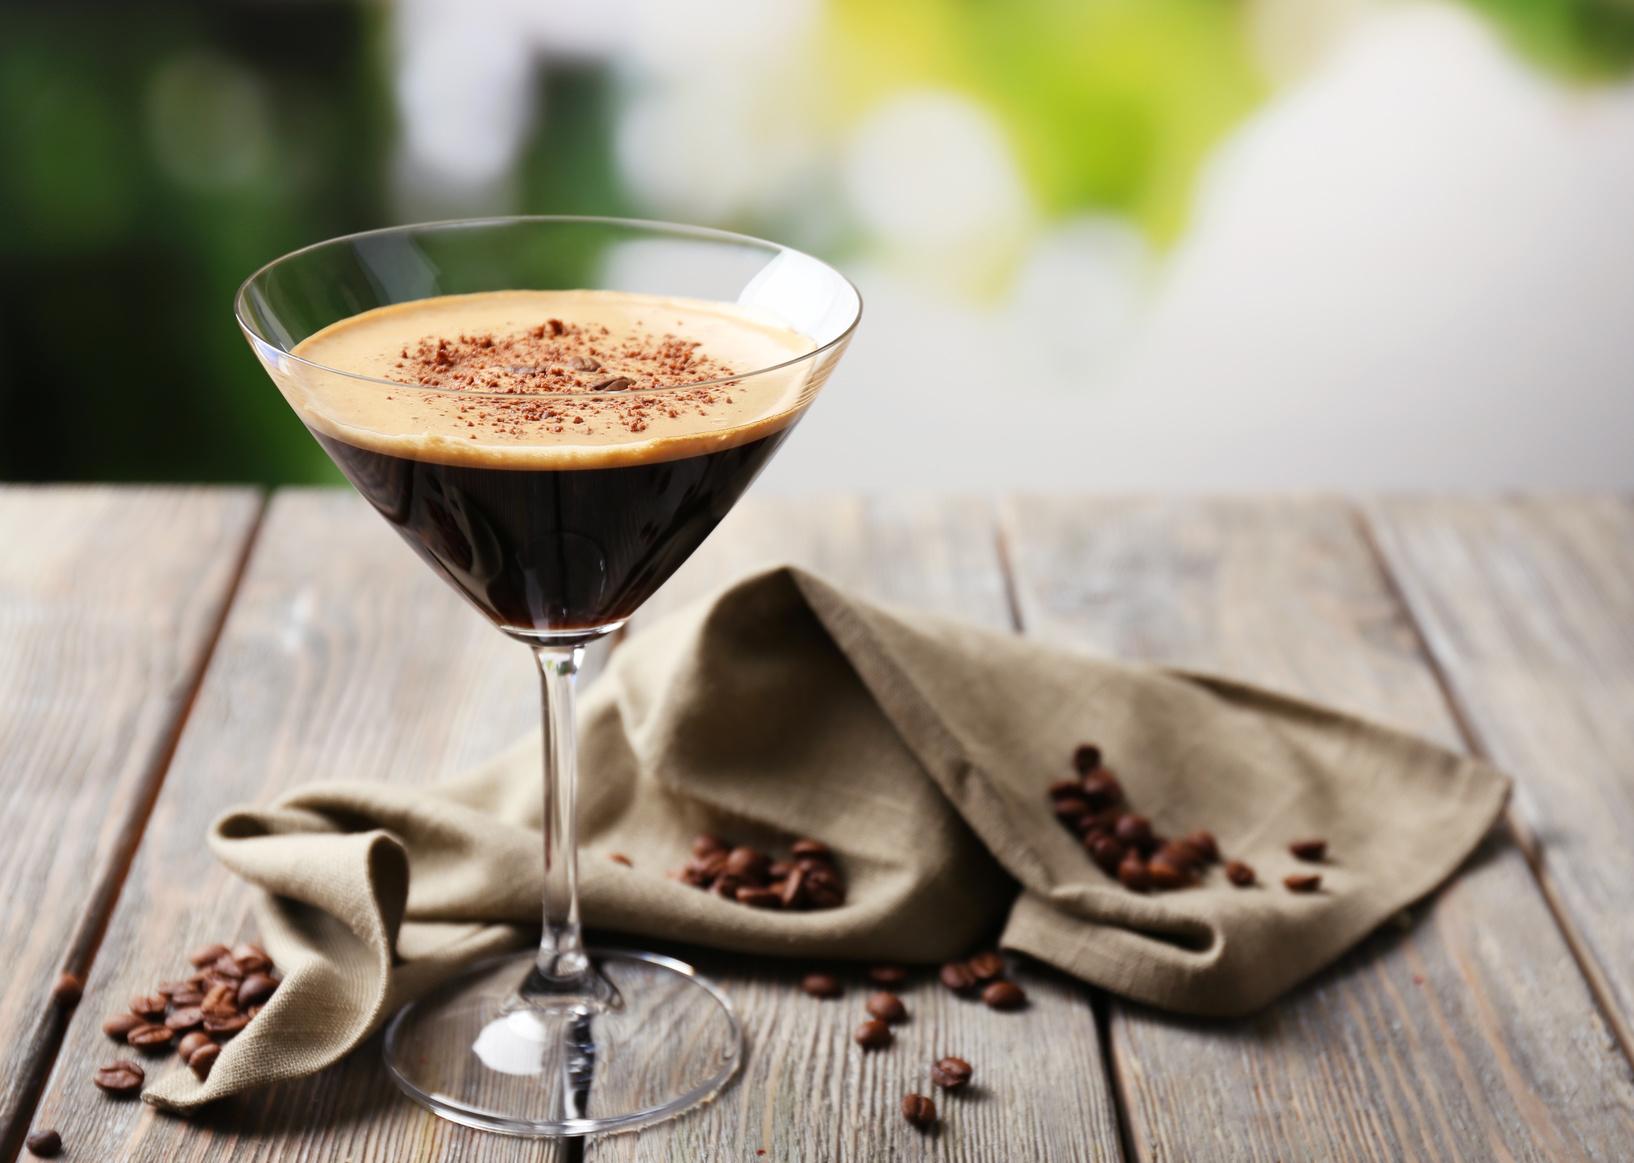 Ein Espresso Martini mit Kaffeebohnen und Kakao als Garnitur. Quelle: Fotolia.com © Africa Studio